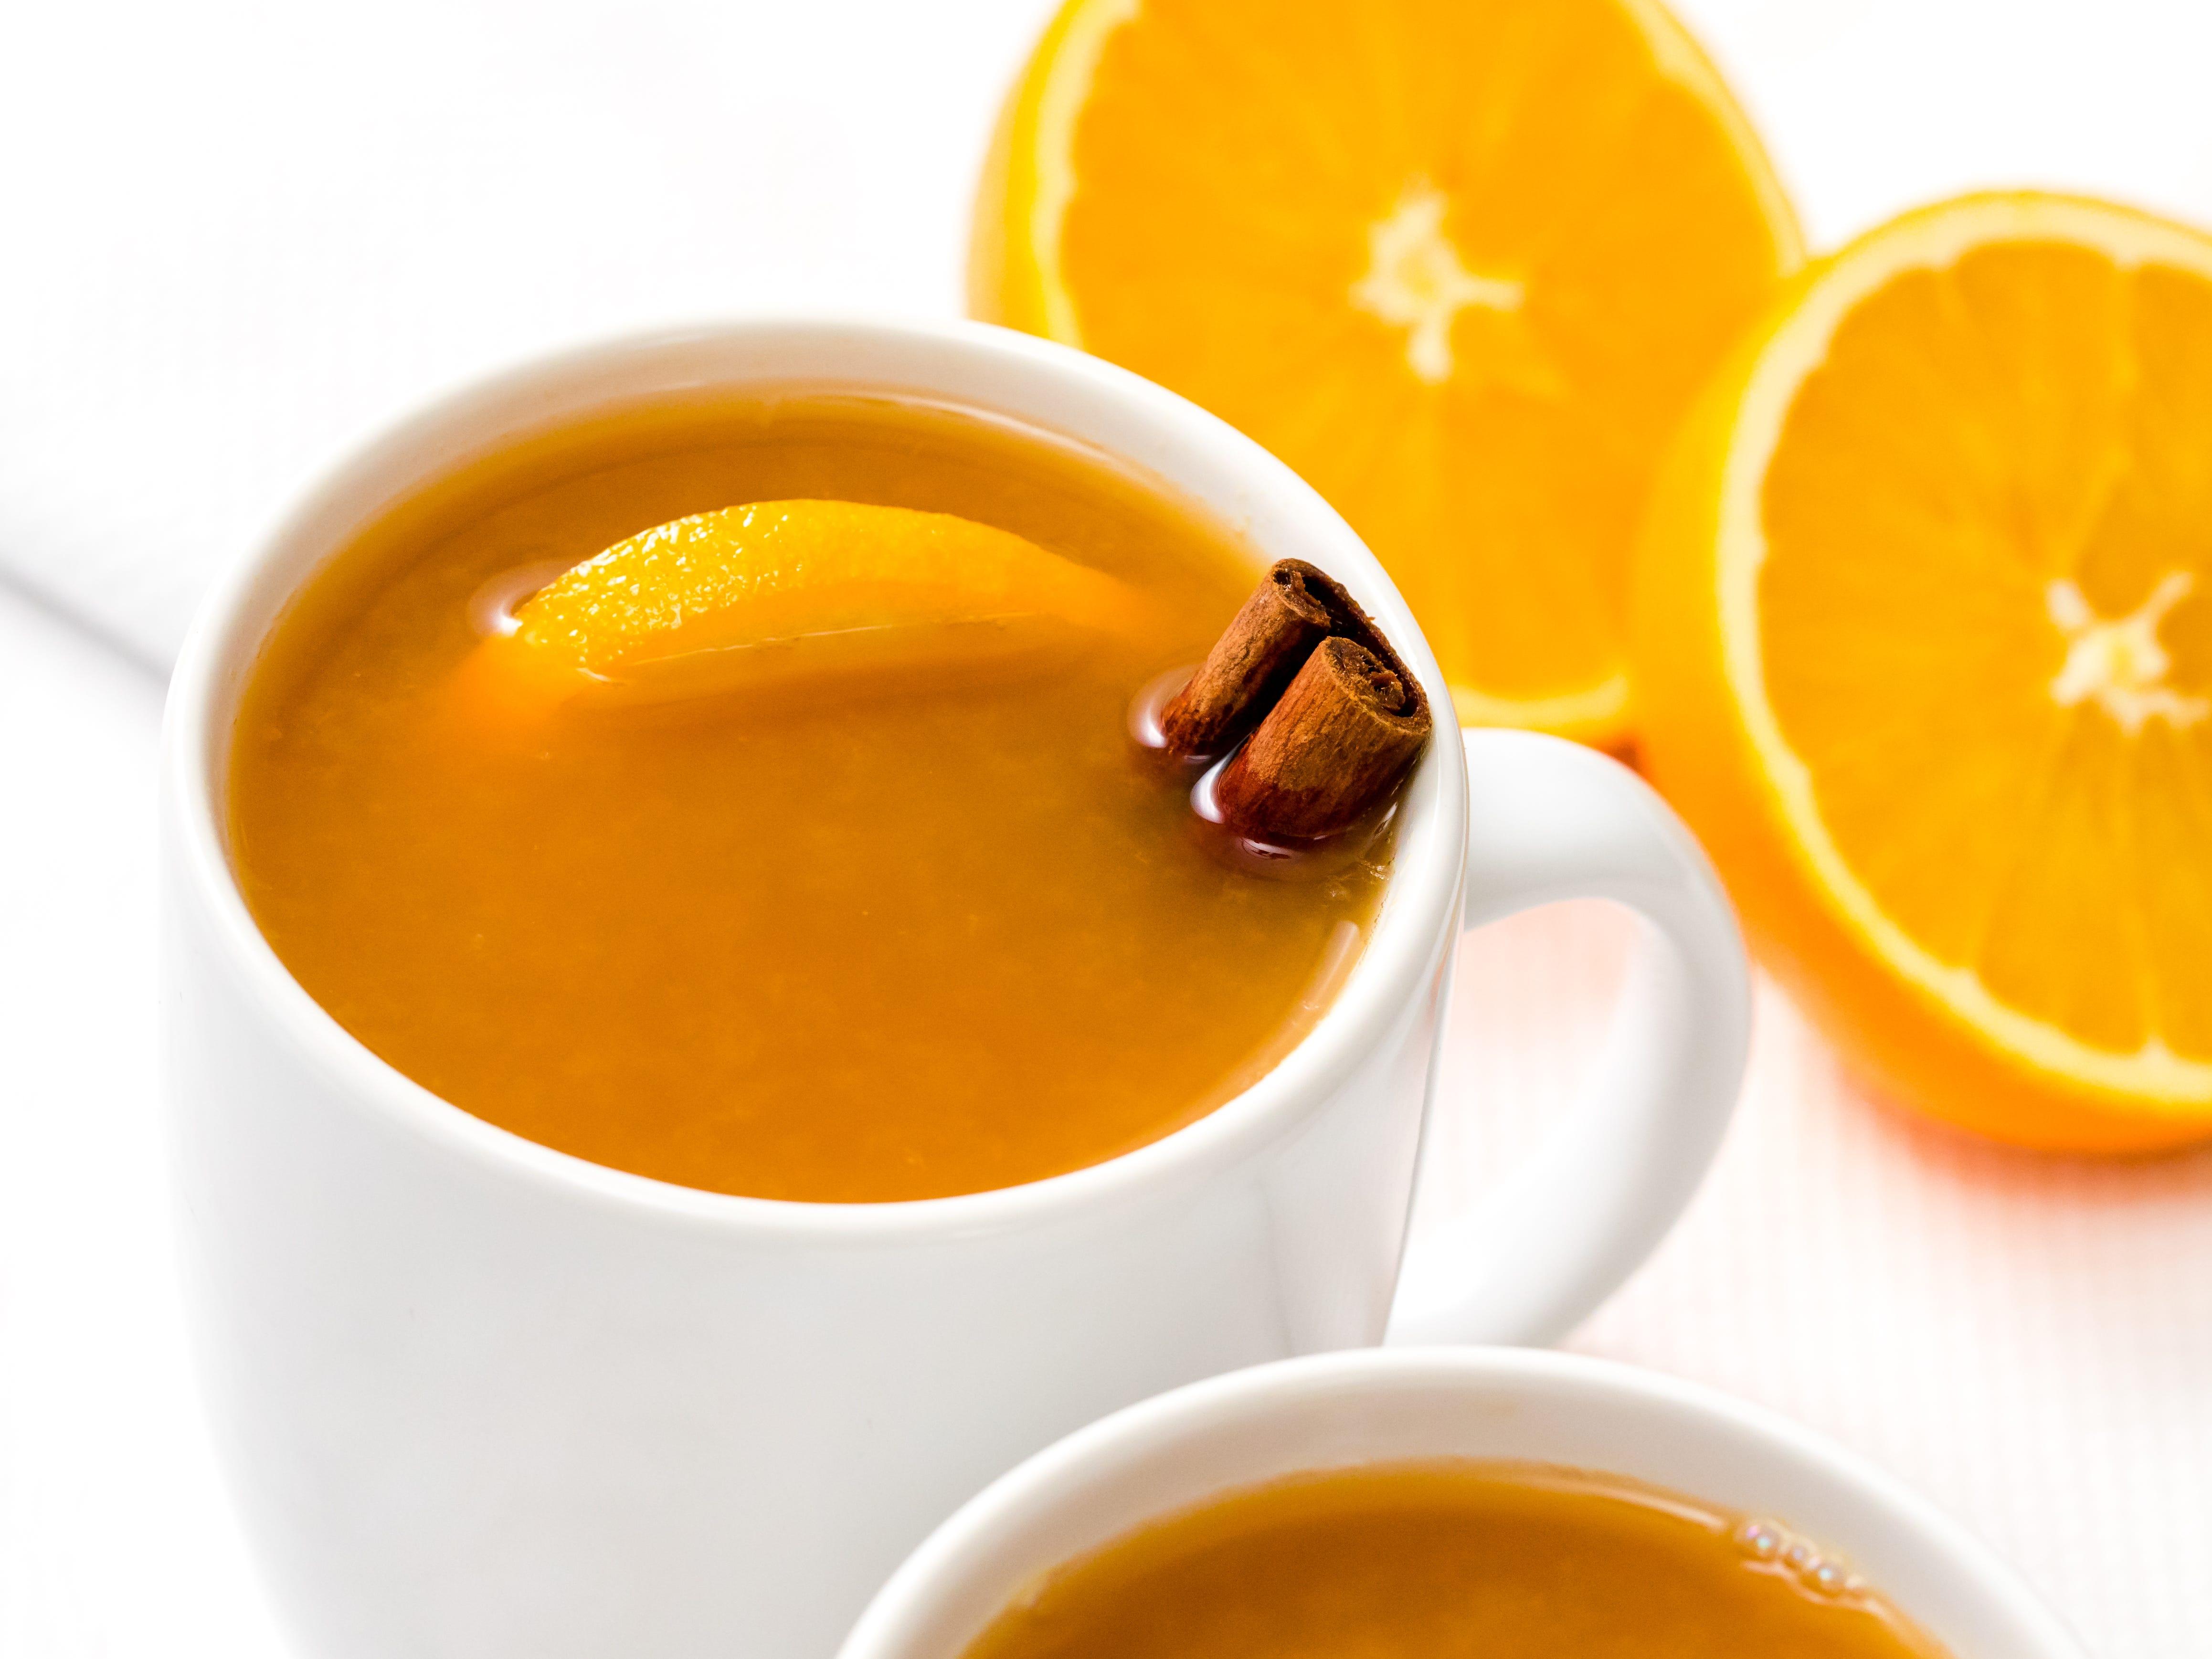 Holiday orange wassail punch